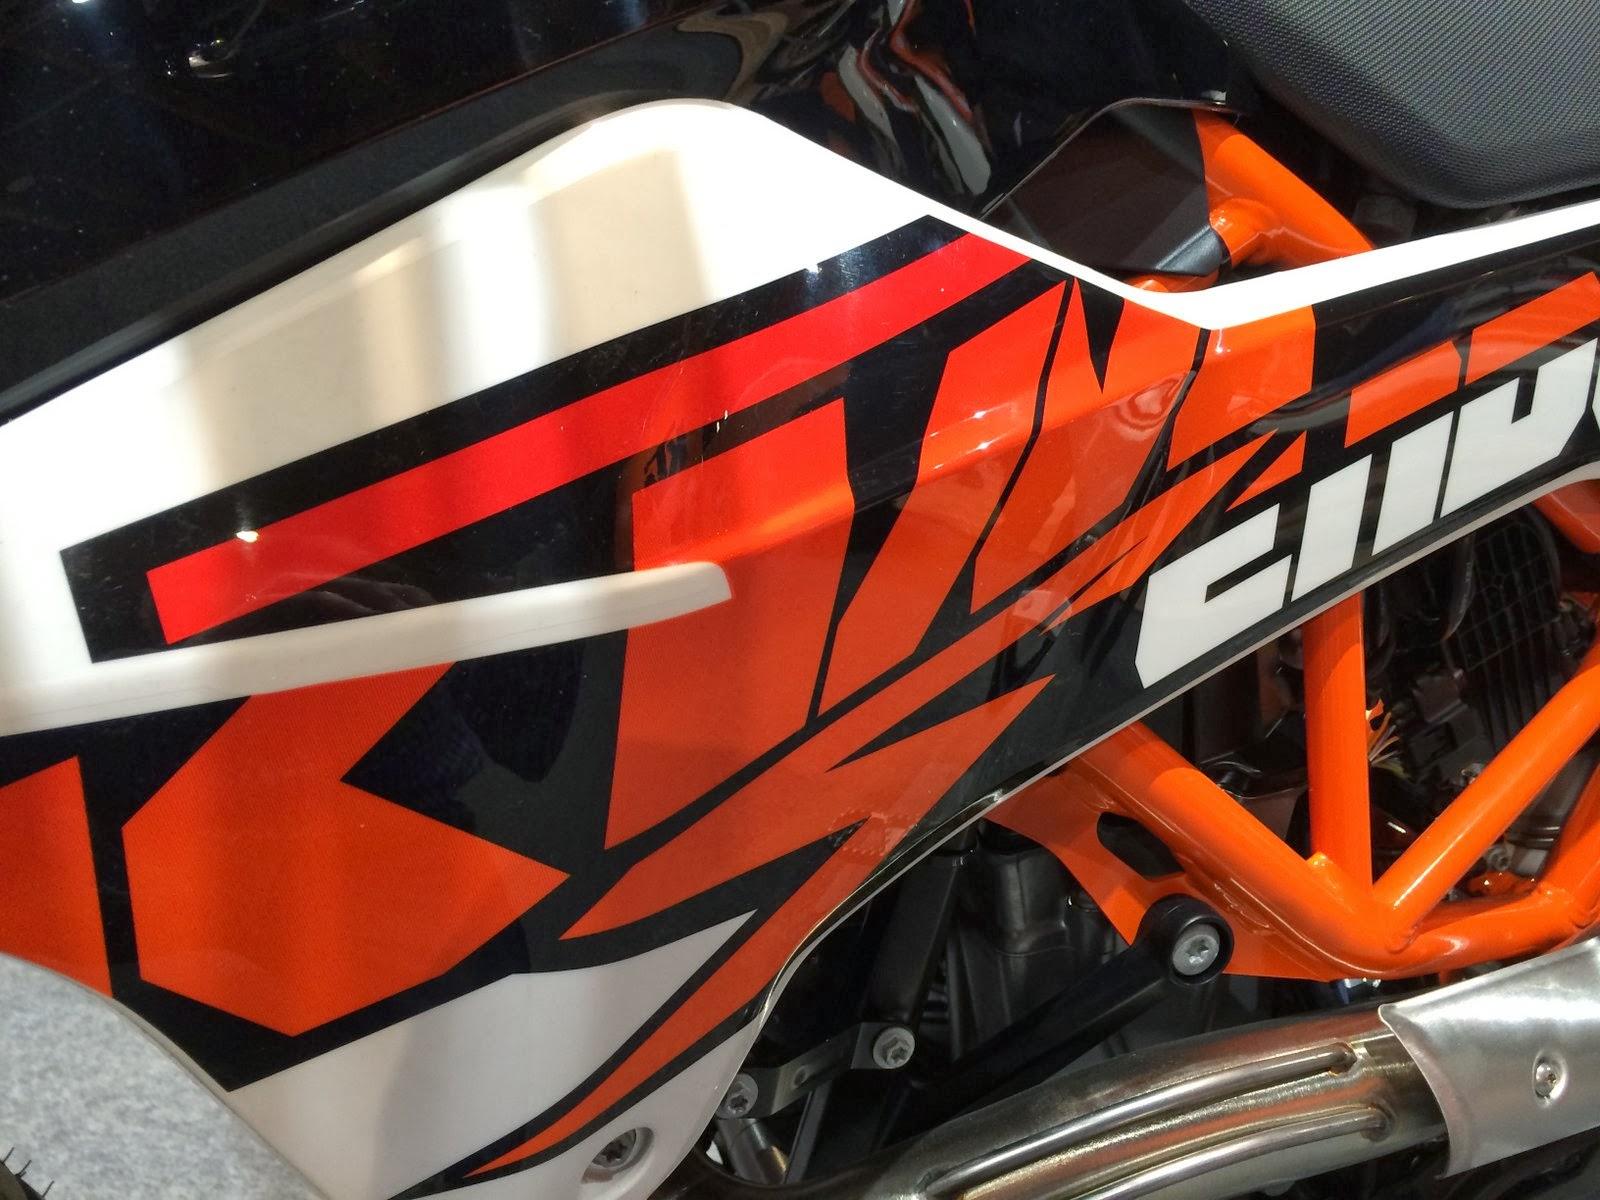 2014 KTM 690 Eduroro R grpahics